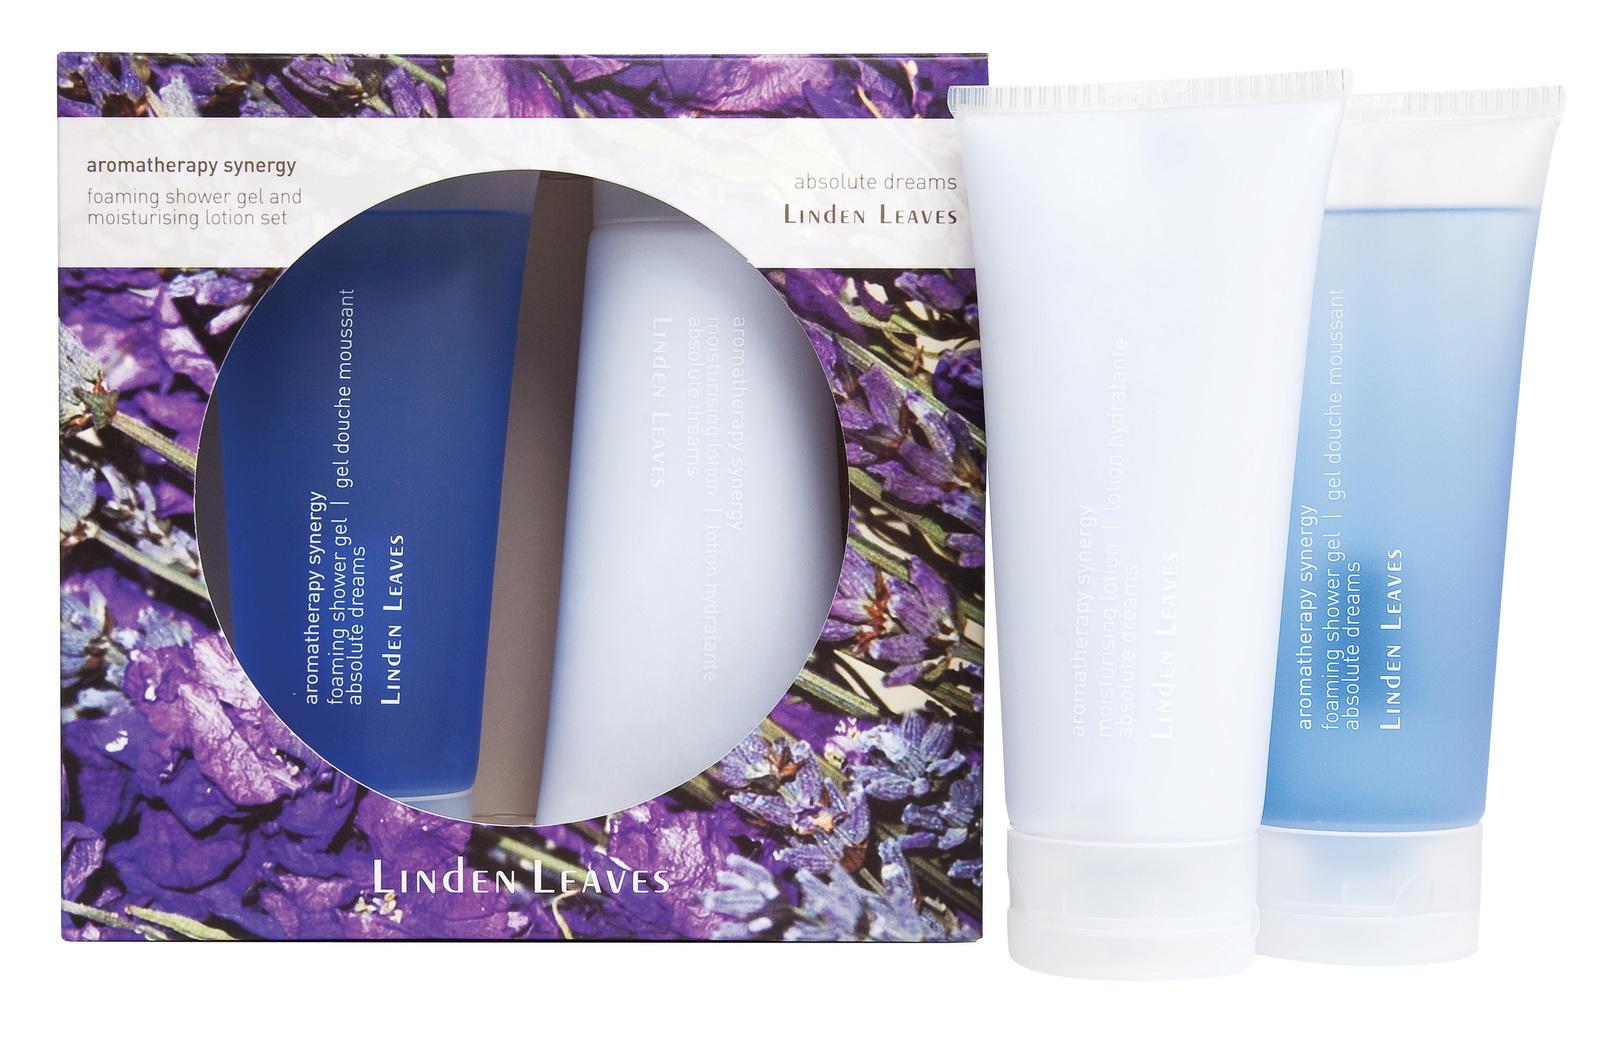 Linden Leaves Gift Set Shower Gel & Lotion Set (Absolute Dreams) image